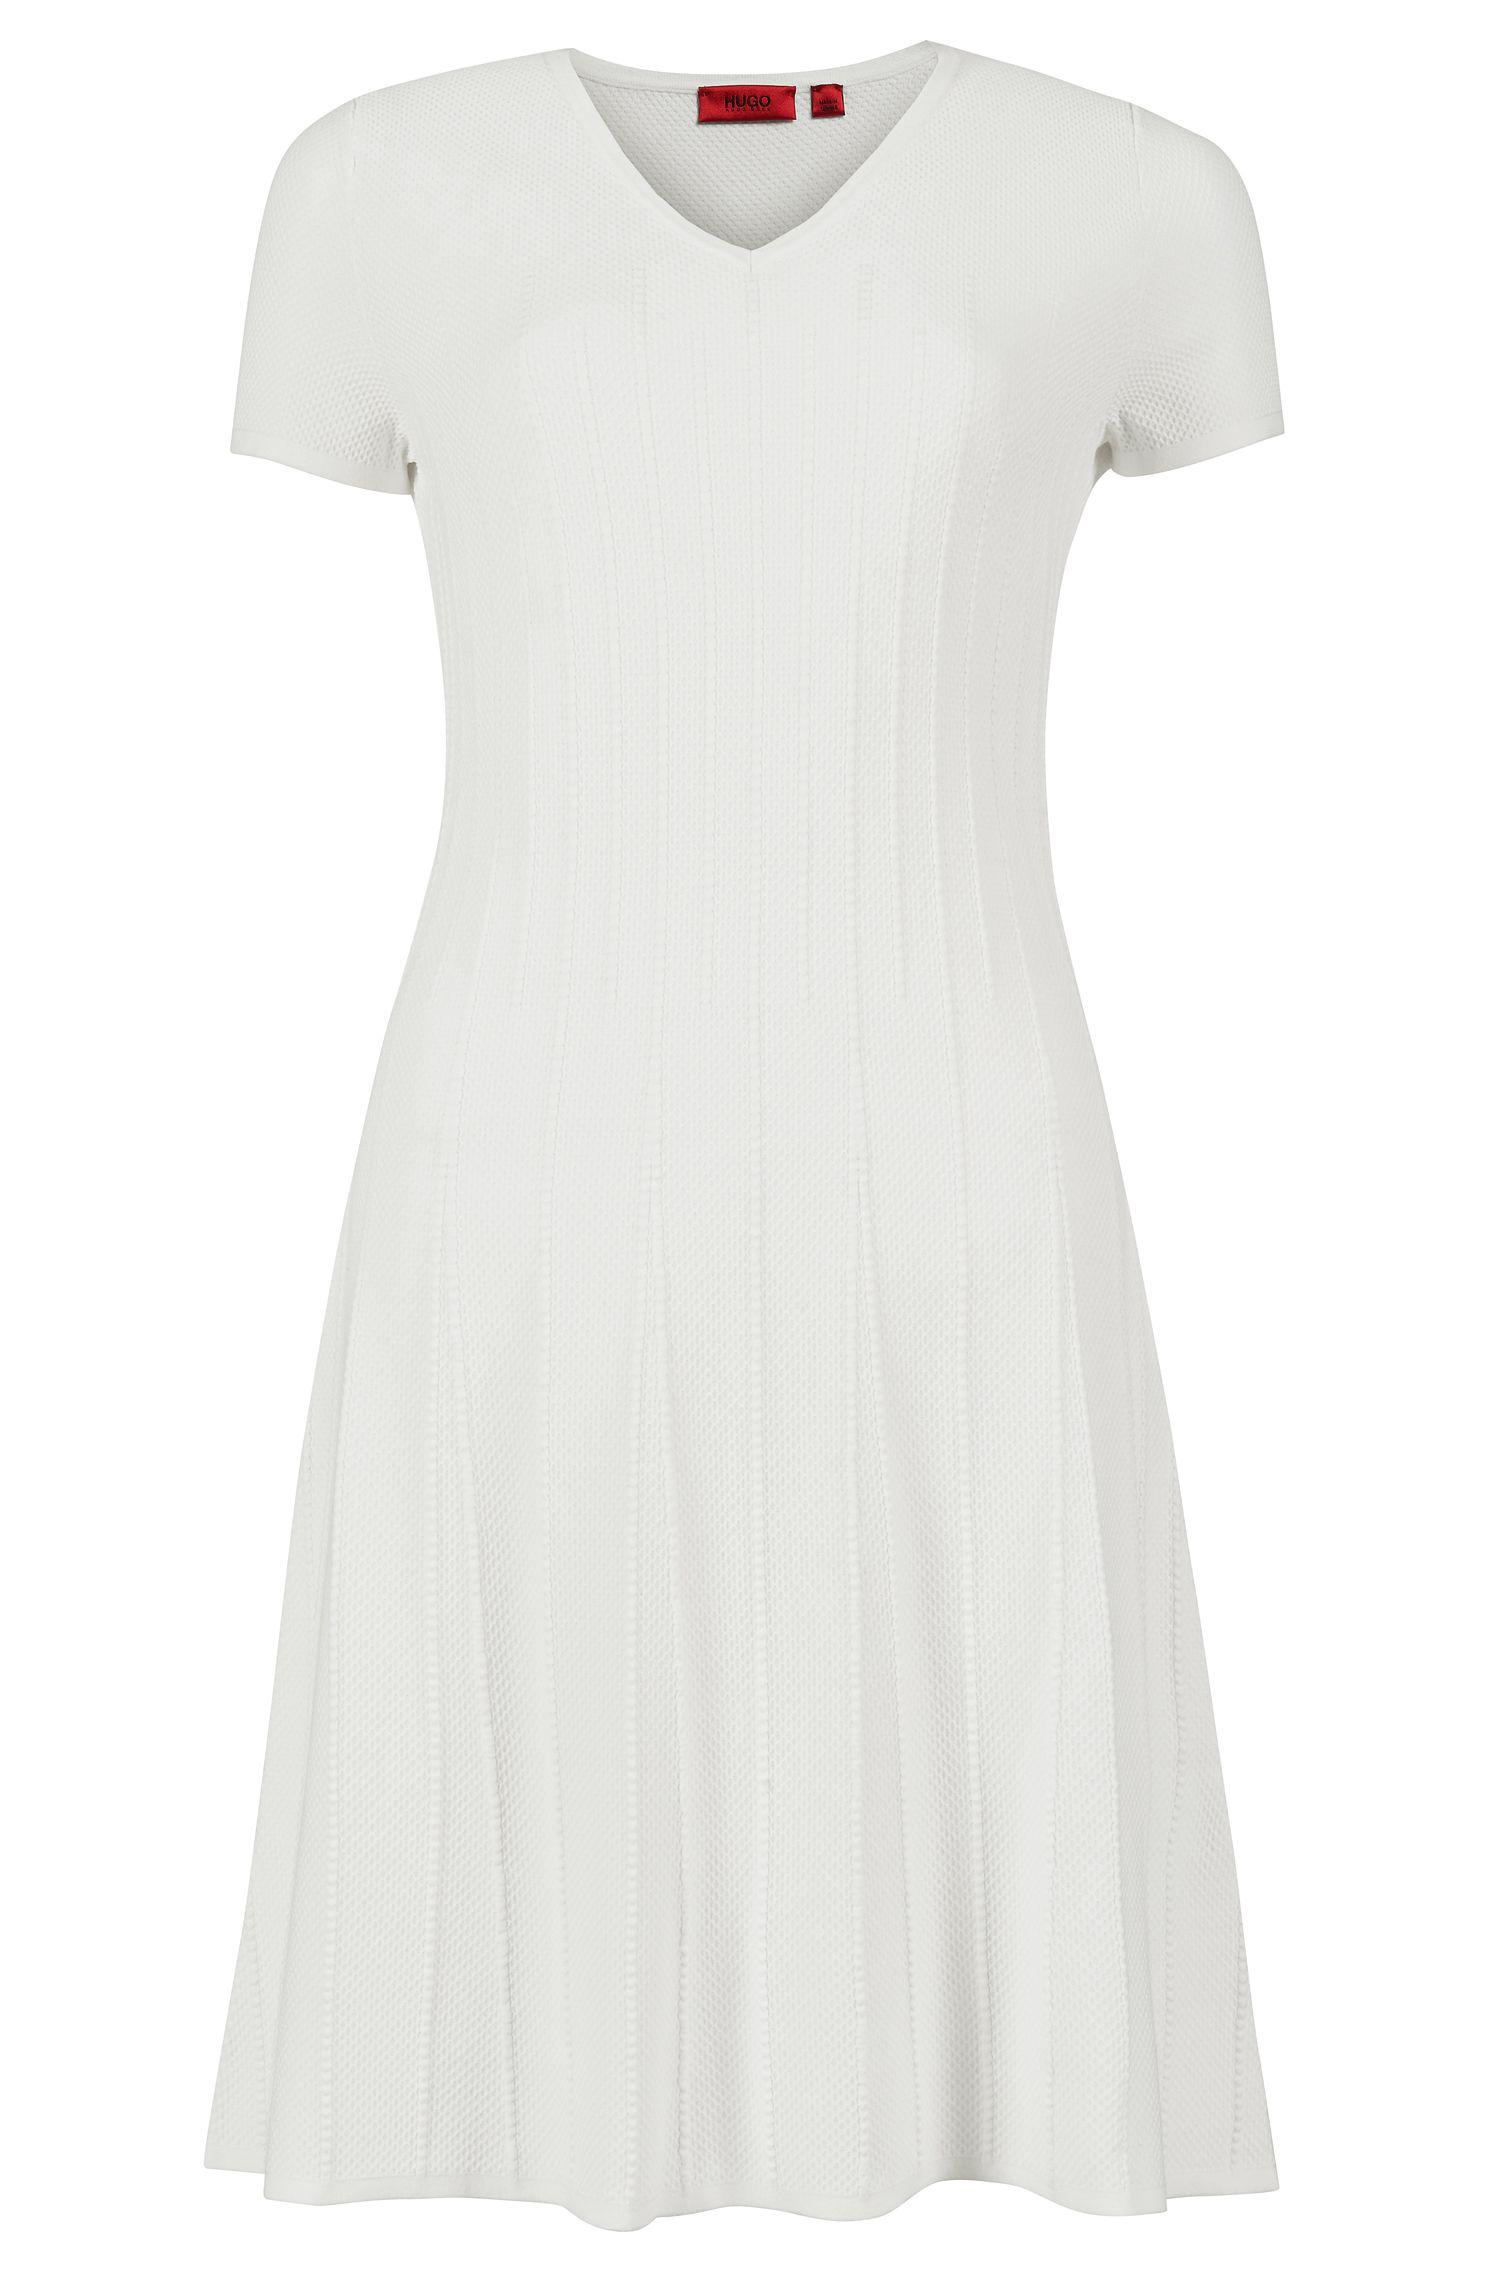 'Silvya' | Viscose Blend Knit A-Line Ribbed Dress